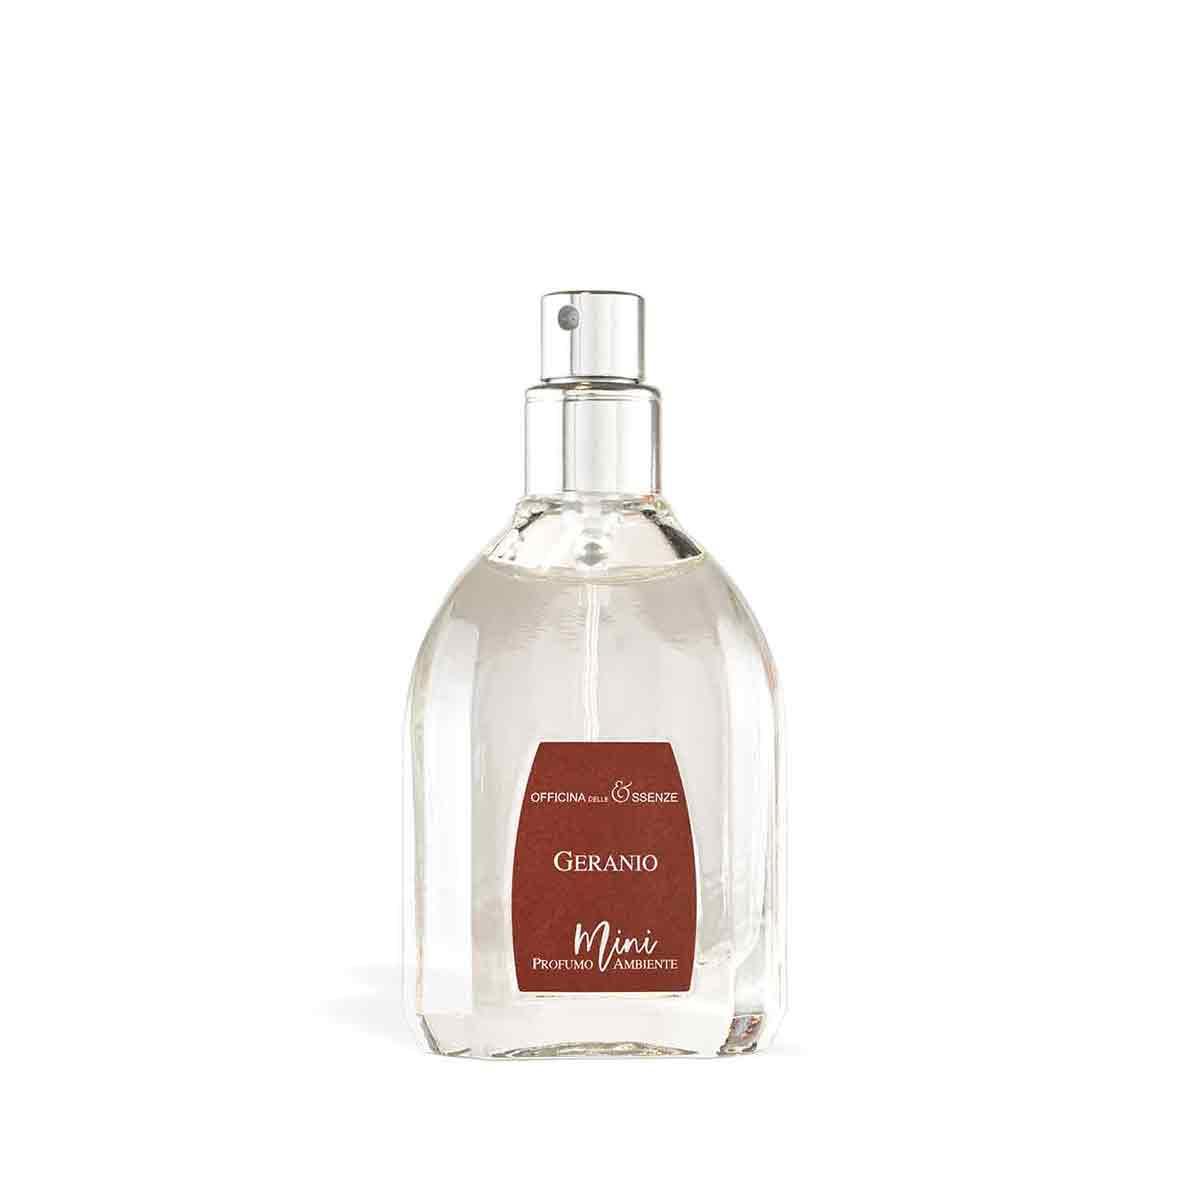 Mini profumo ambiente di Geranio da 25 ml